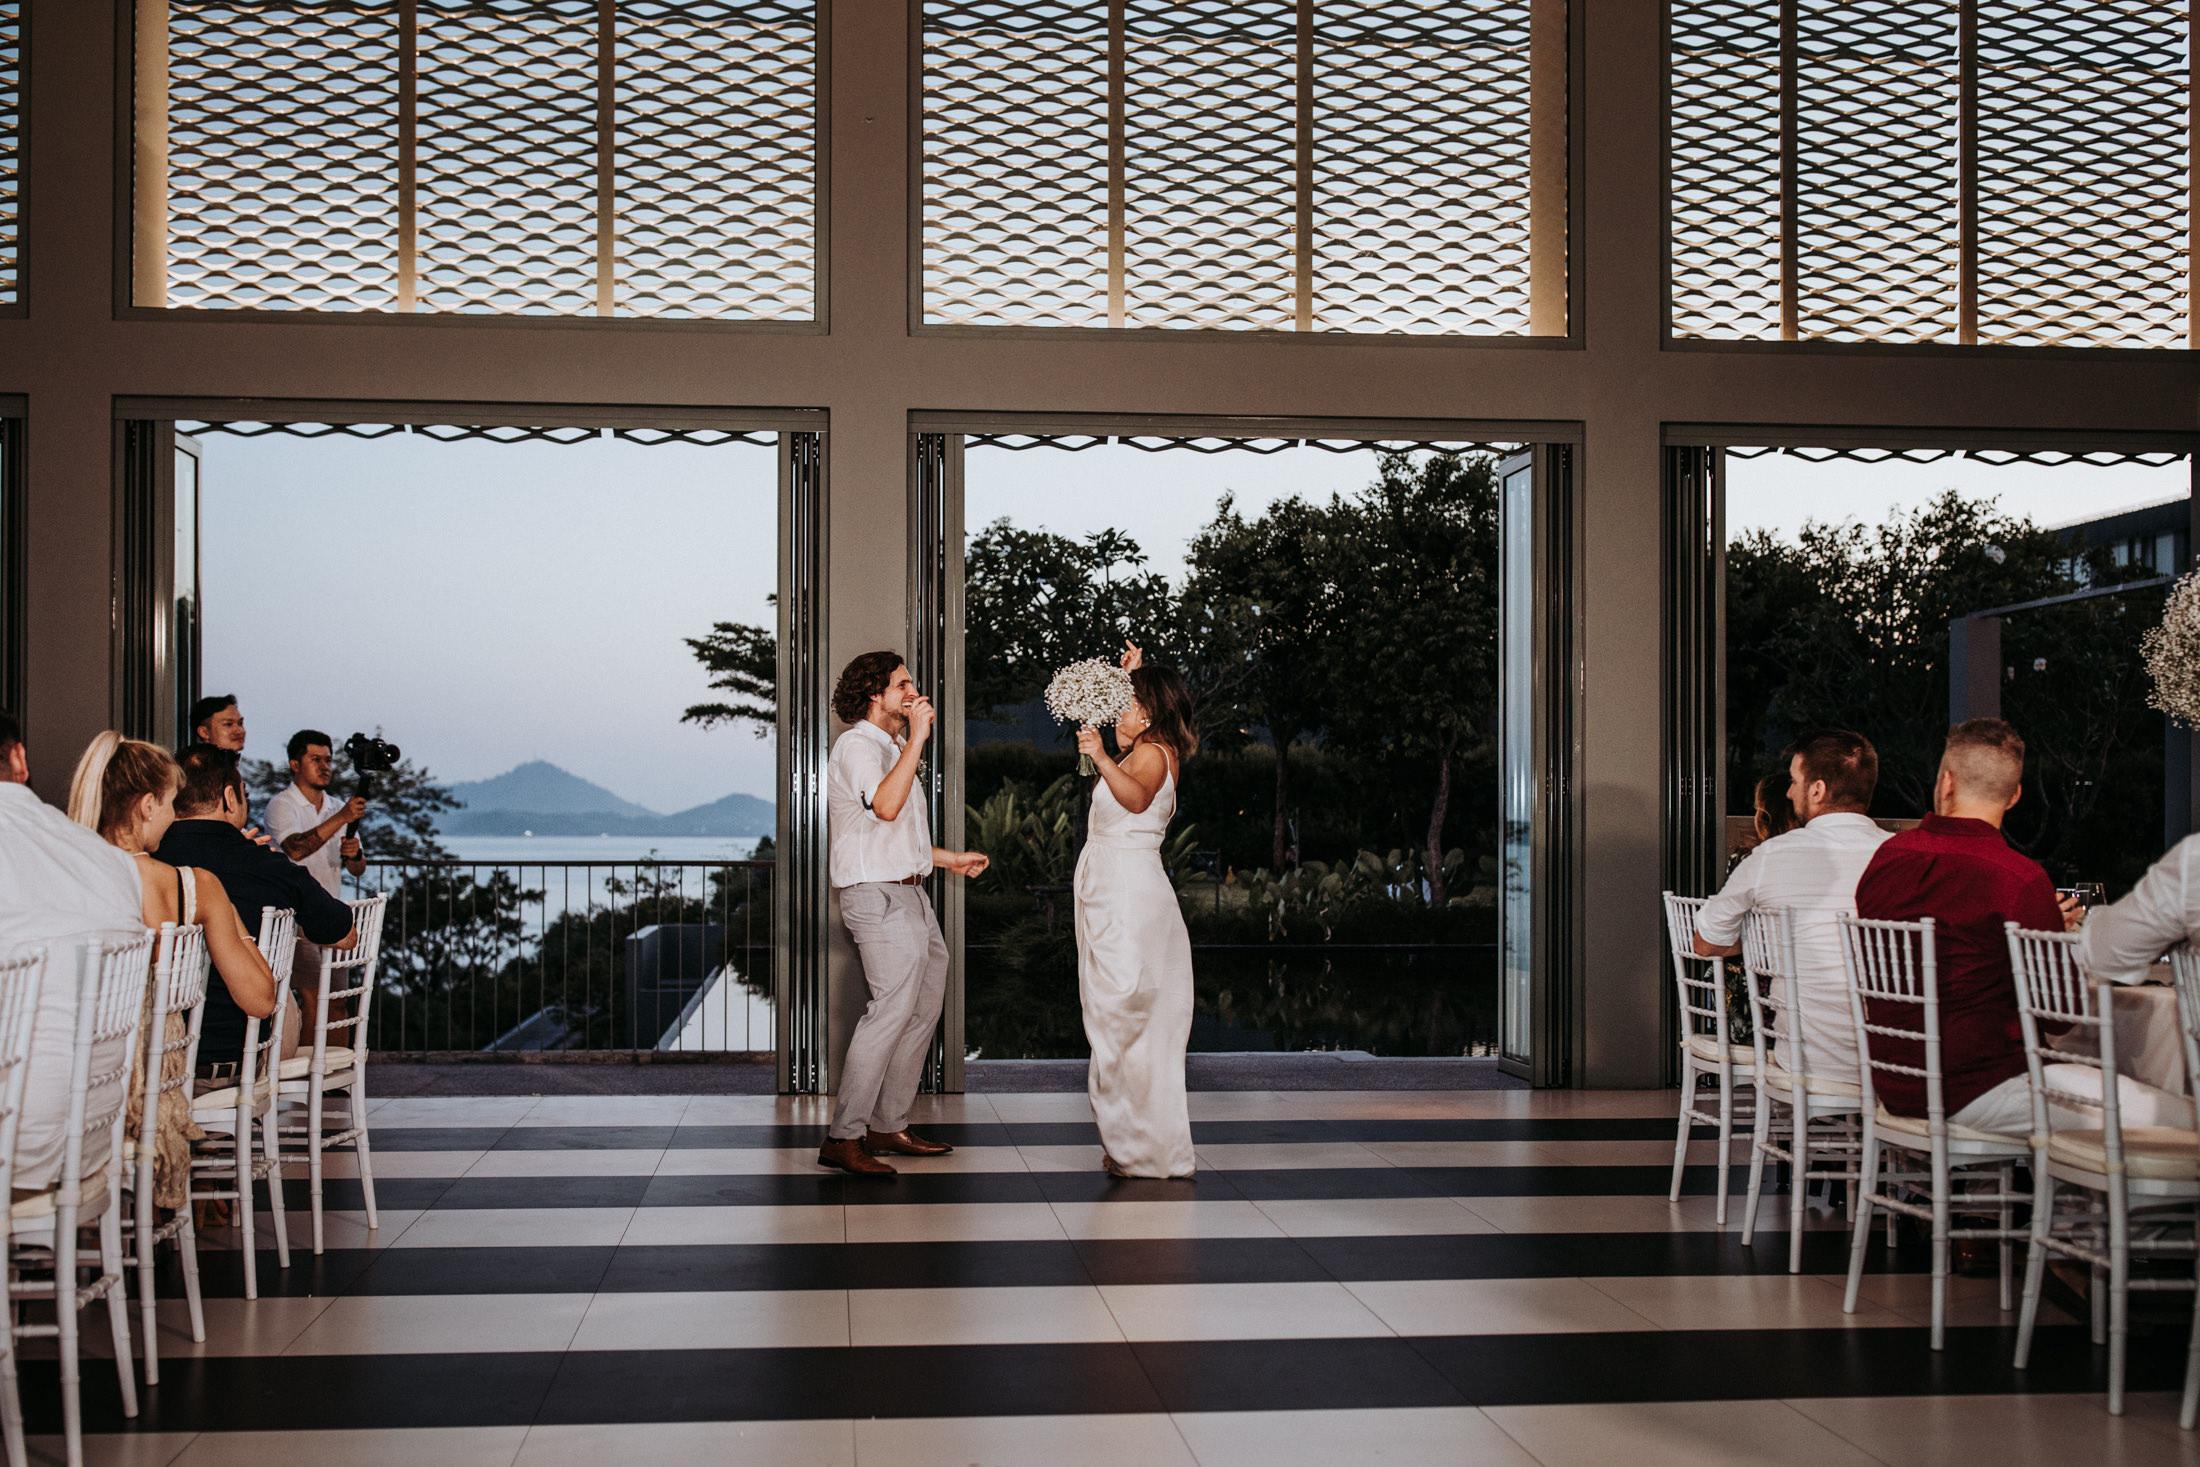 DanielaMarquardt_Wedding_Thailand_350